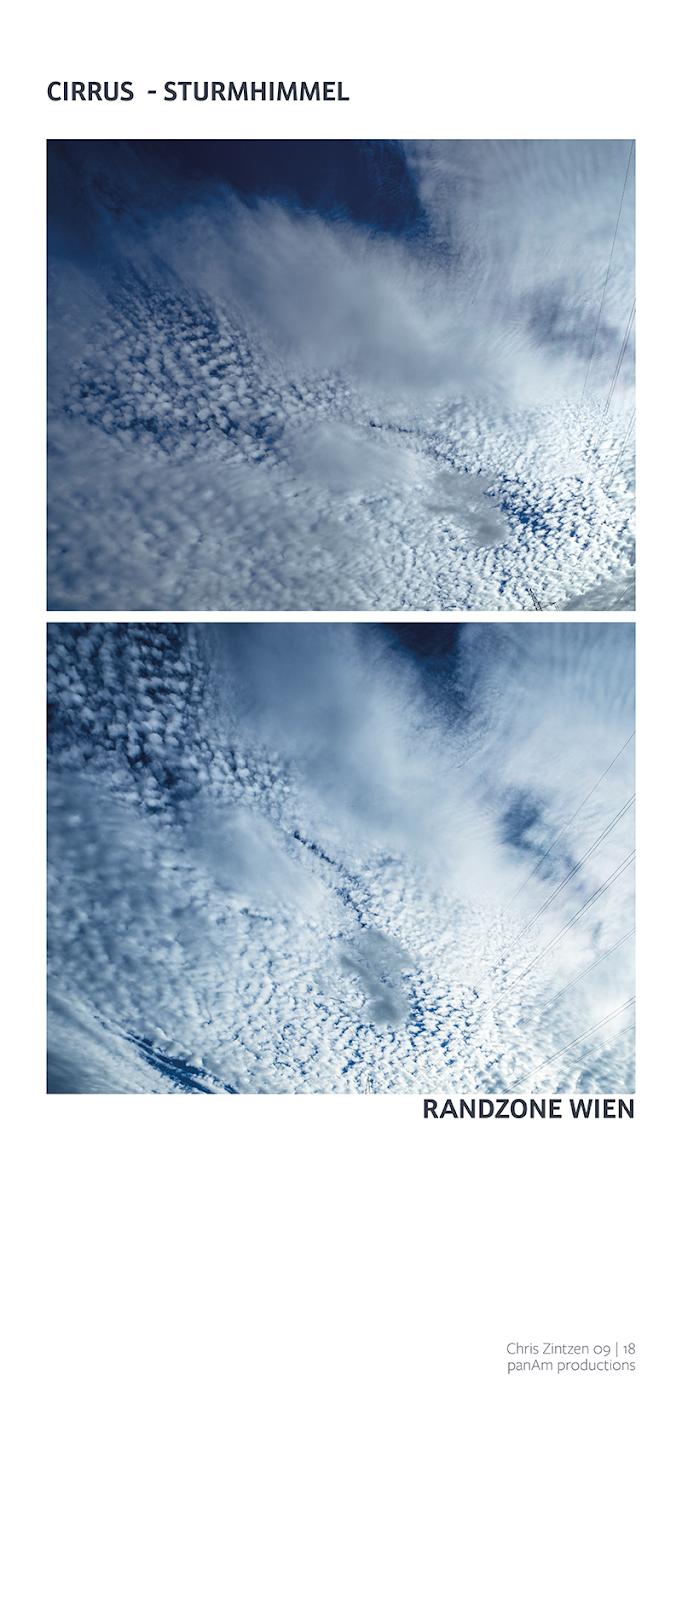 Chris Zintzen | panAm productions